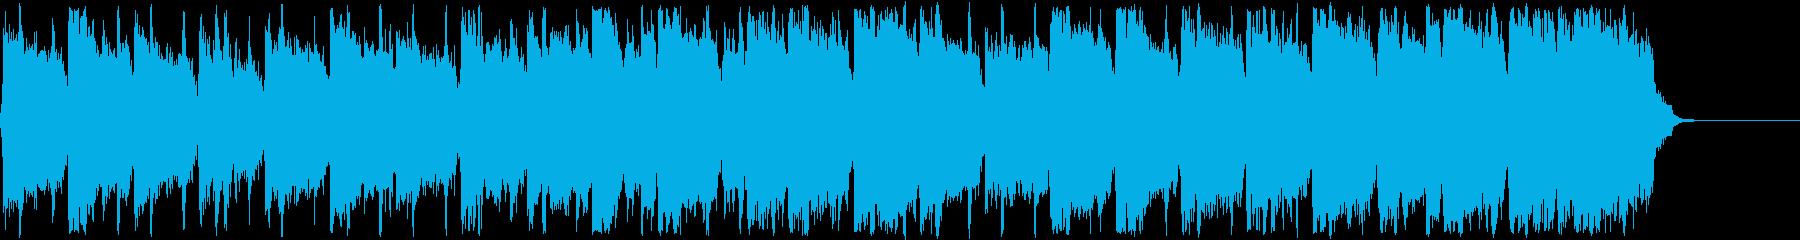 コーラス・男女・ゴスペル・ソウルフルの再生済みの波形